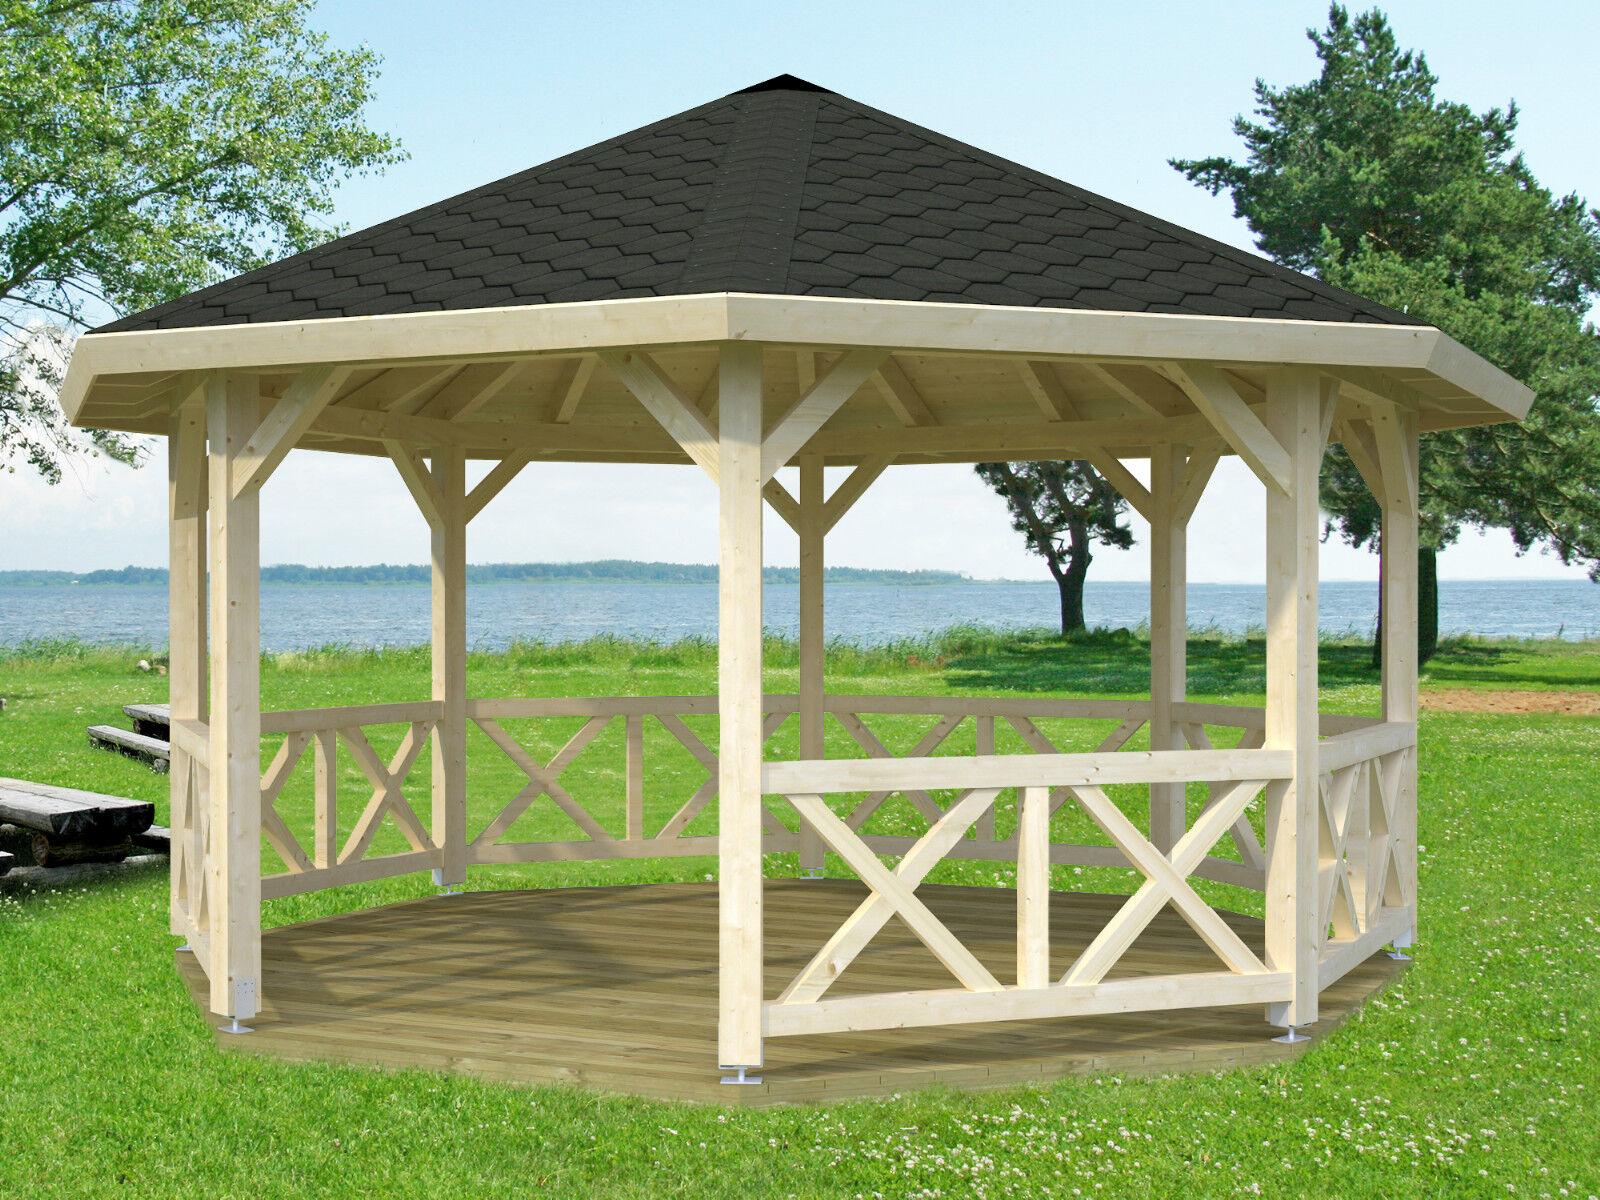 gartenpavillion betty 4 bessie durchmesser 465 cm 12x12. Black Bedroom Furniture Sets. Home Design Ideas